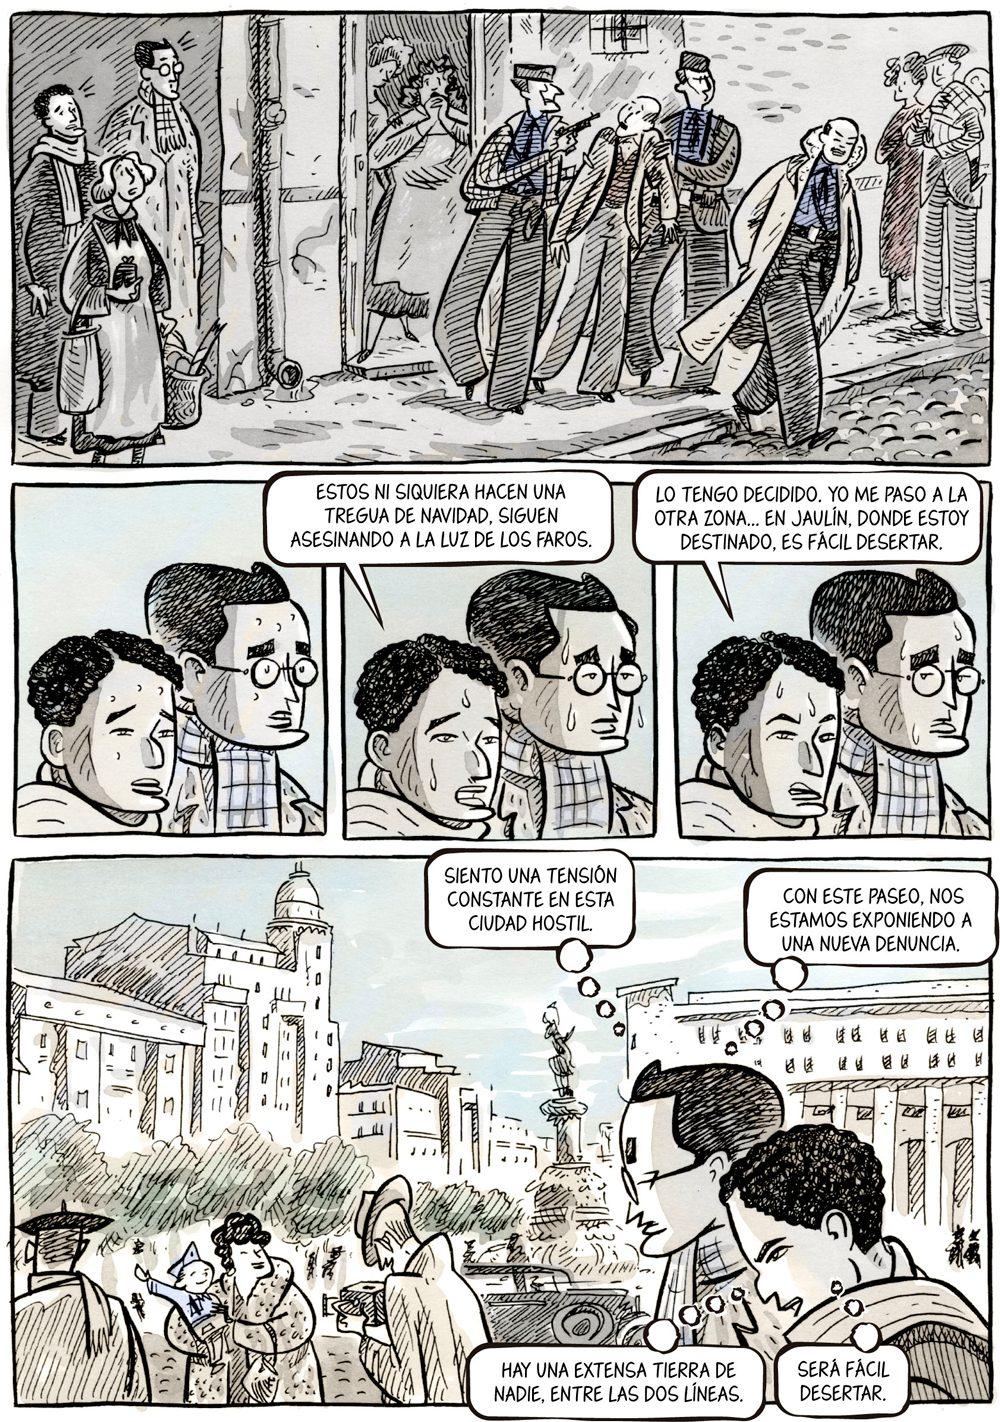 Atrapado en Belchite, novela gráfica de Sento Llobell